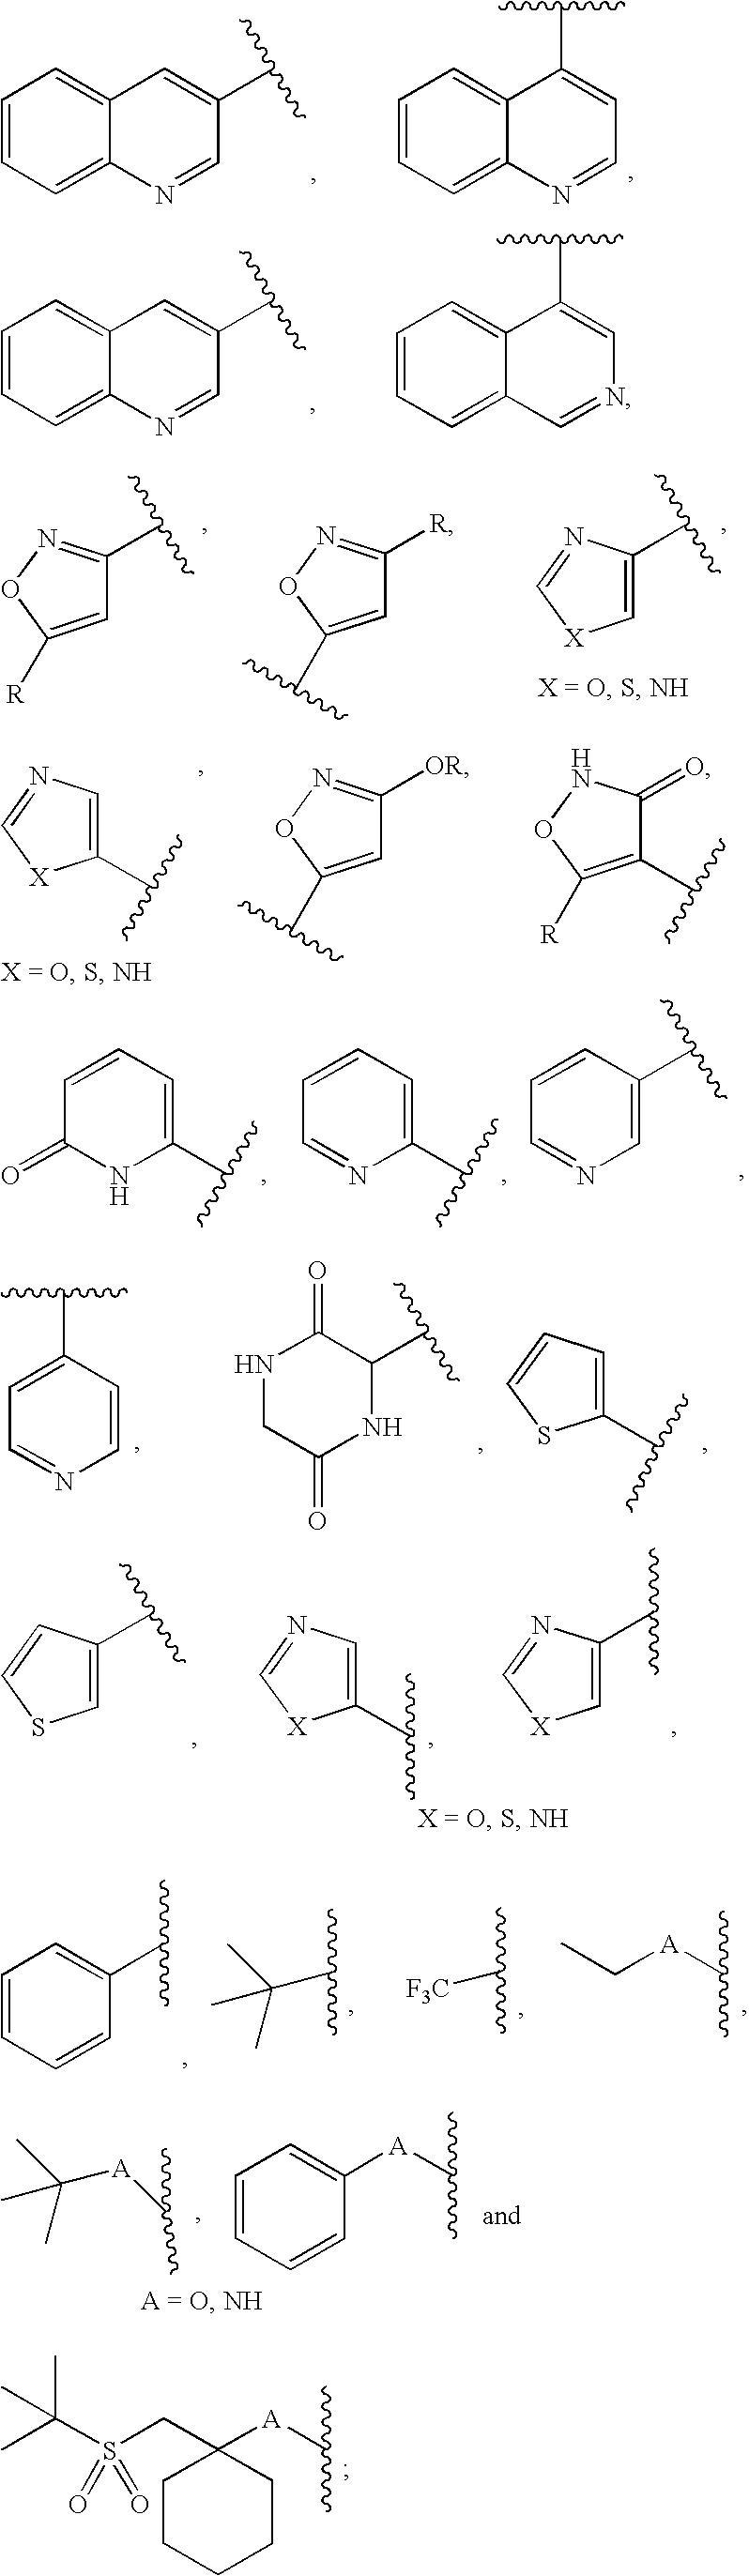 Figure US20060276404A1-20061207-C00050